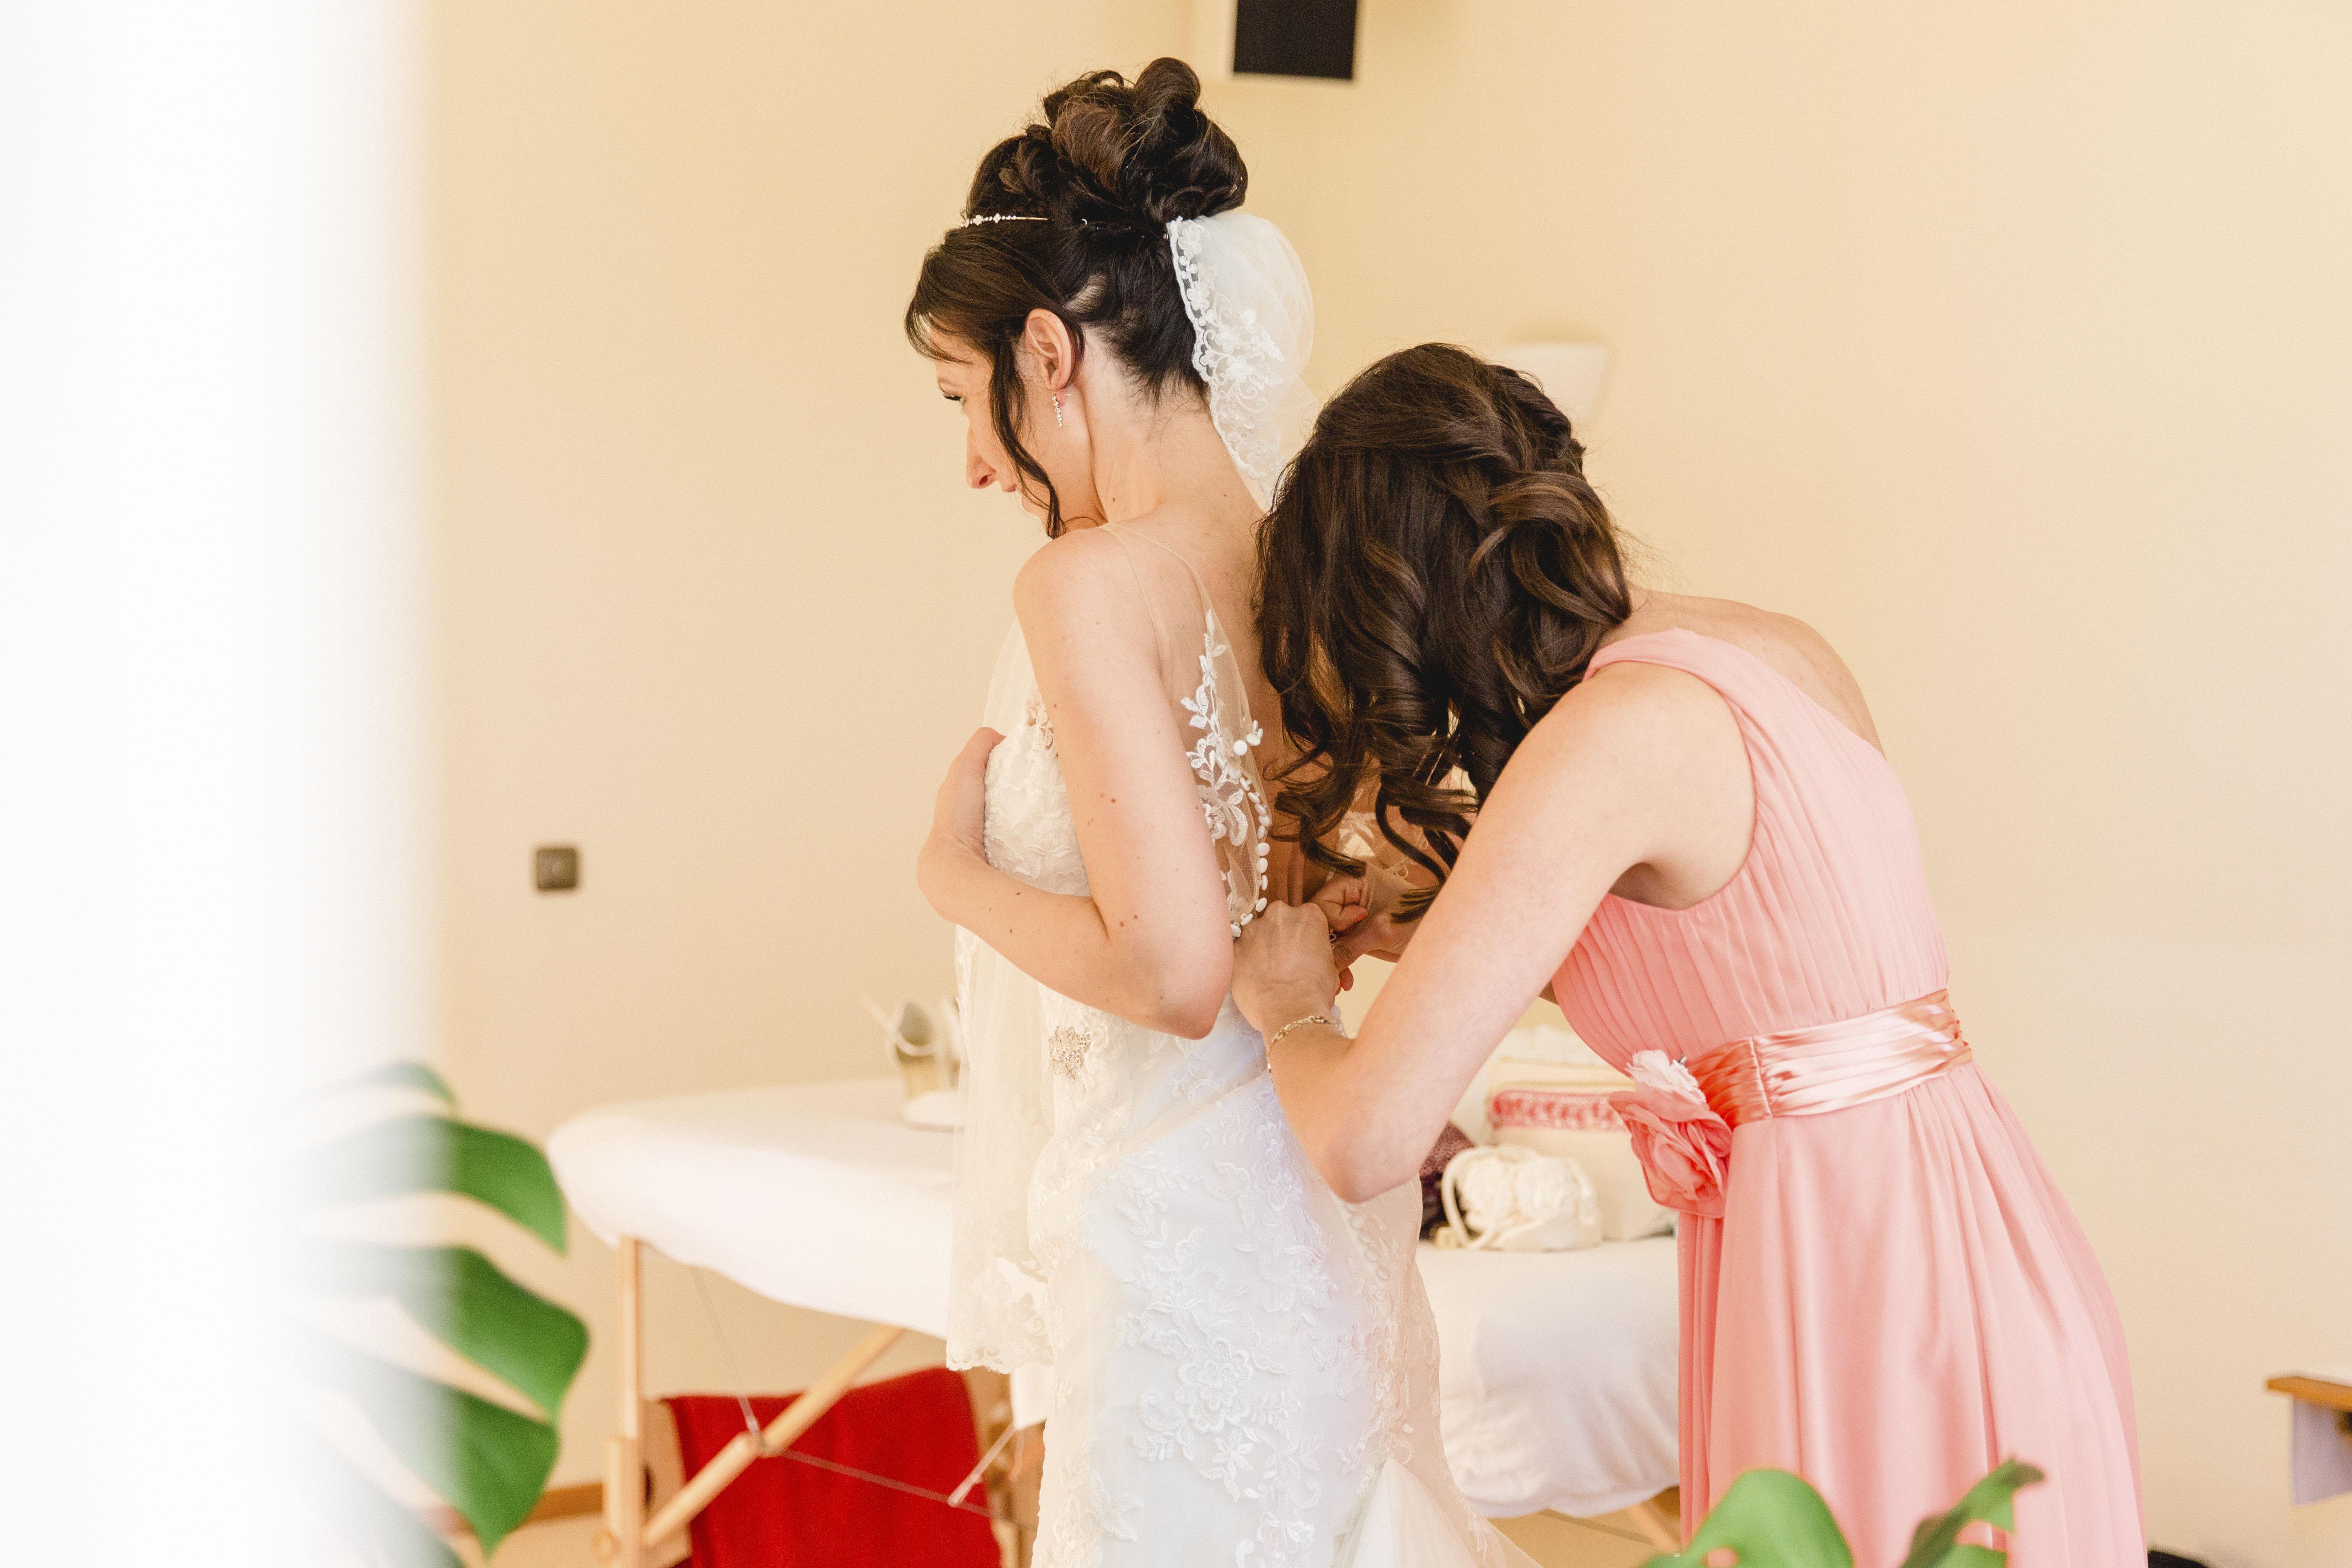 Hochzeitsfoto vom Anziehen des Brautkleides